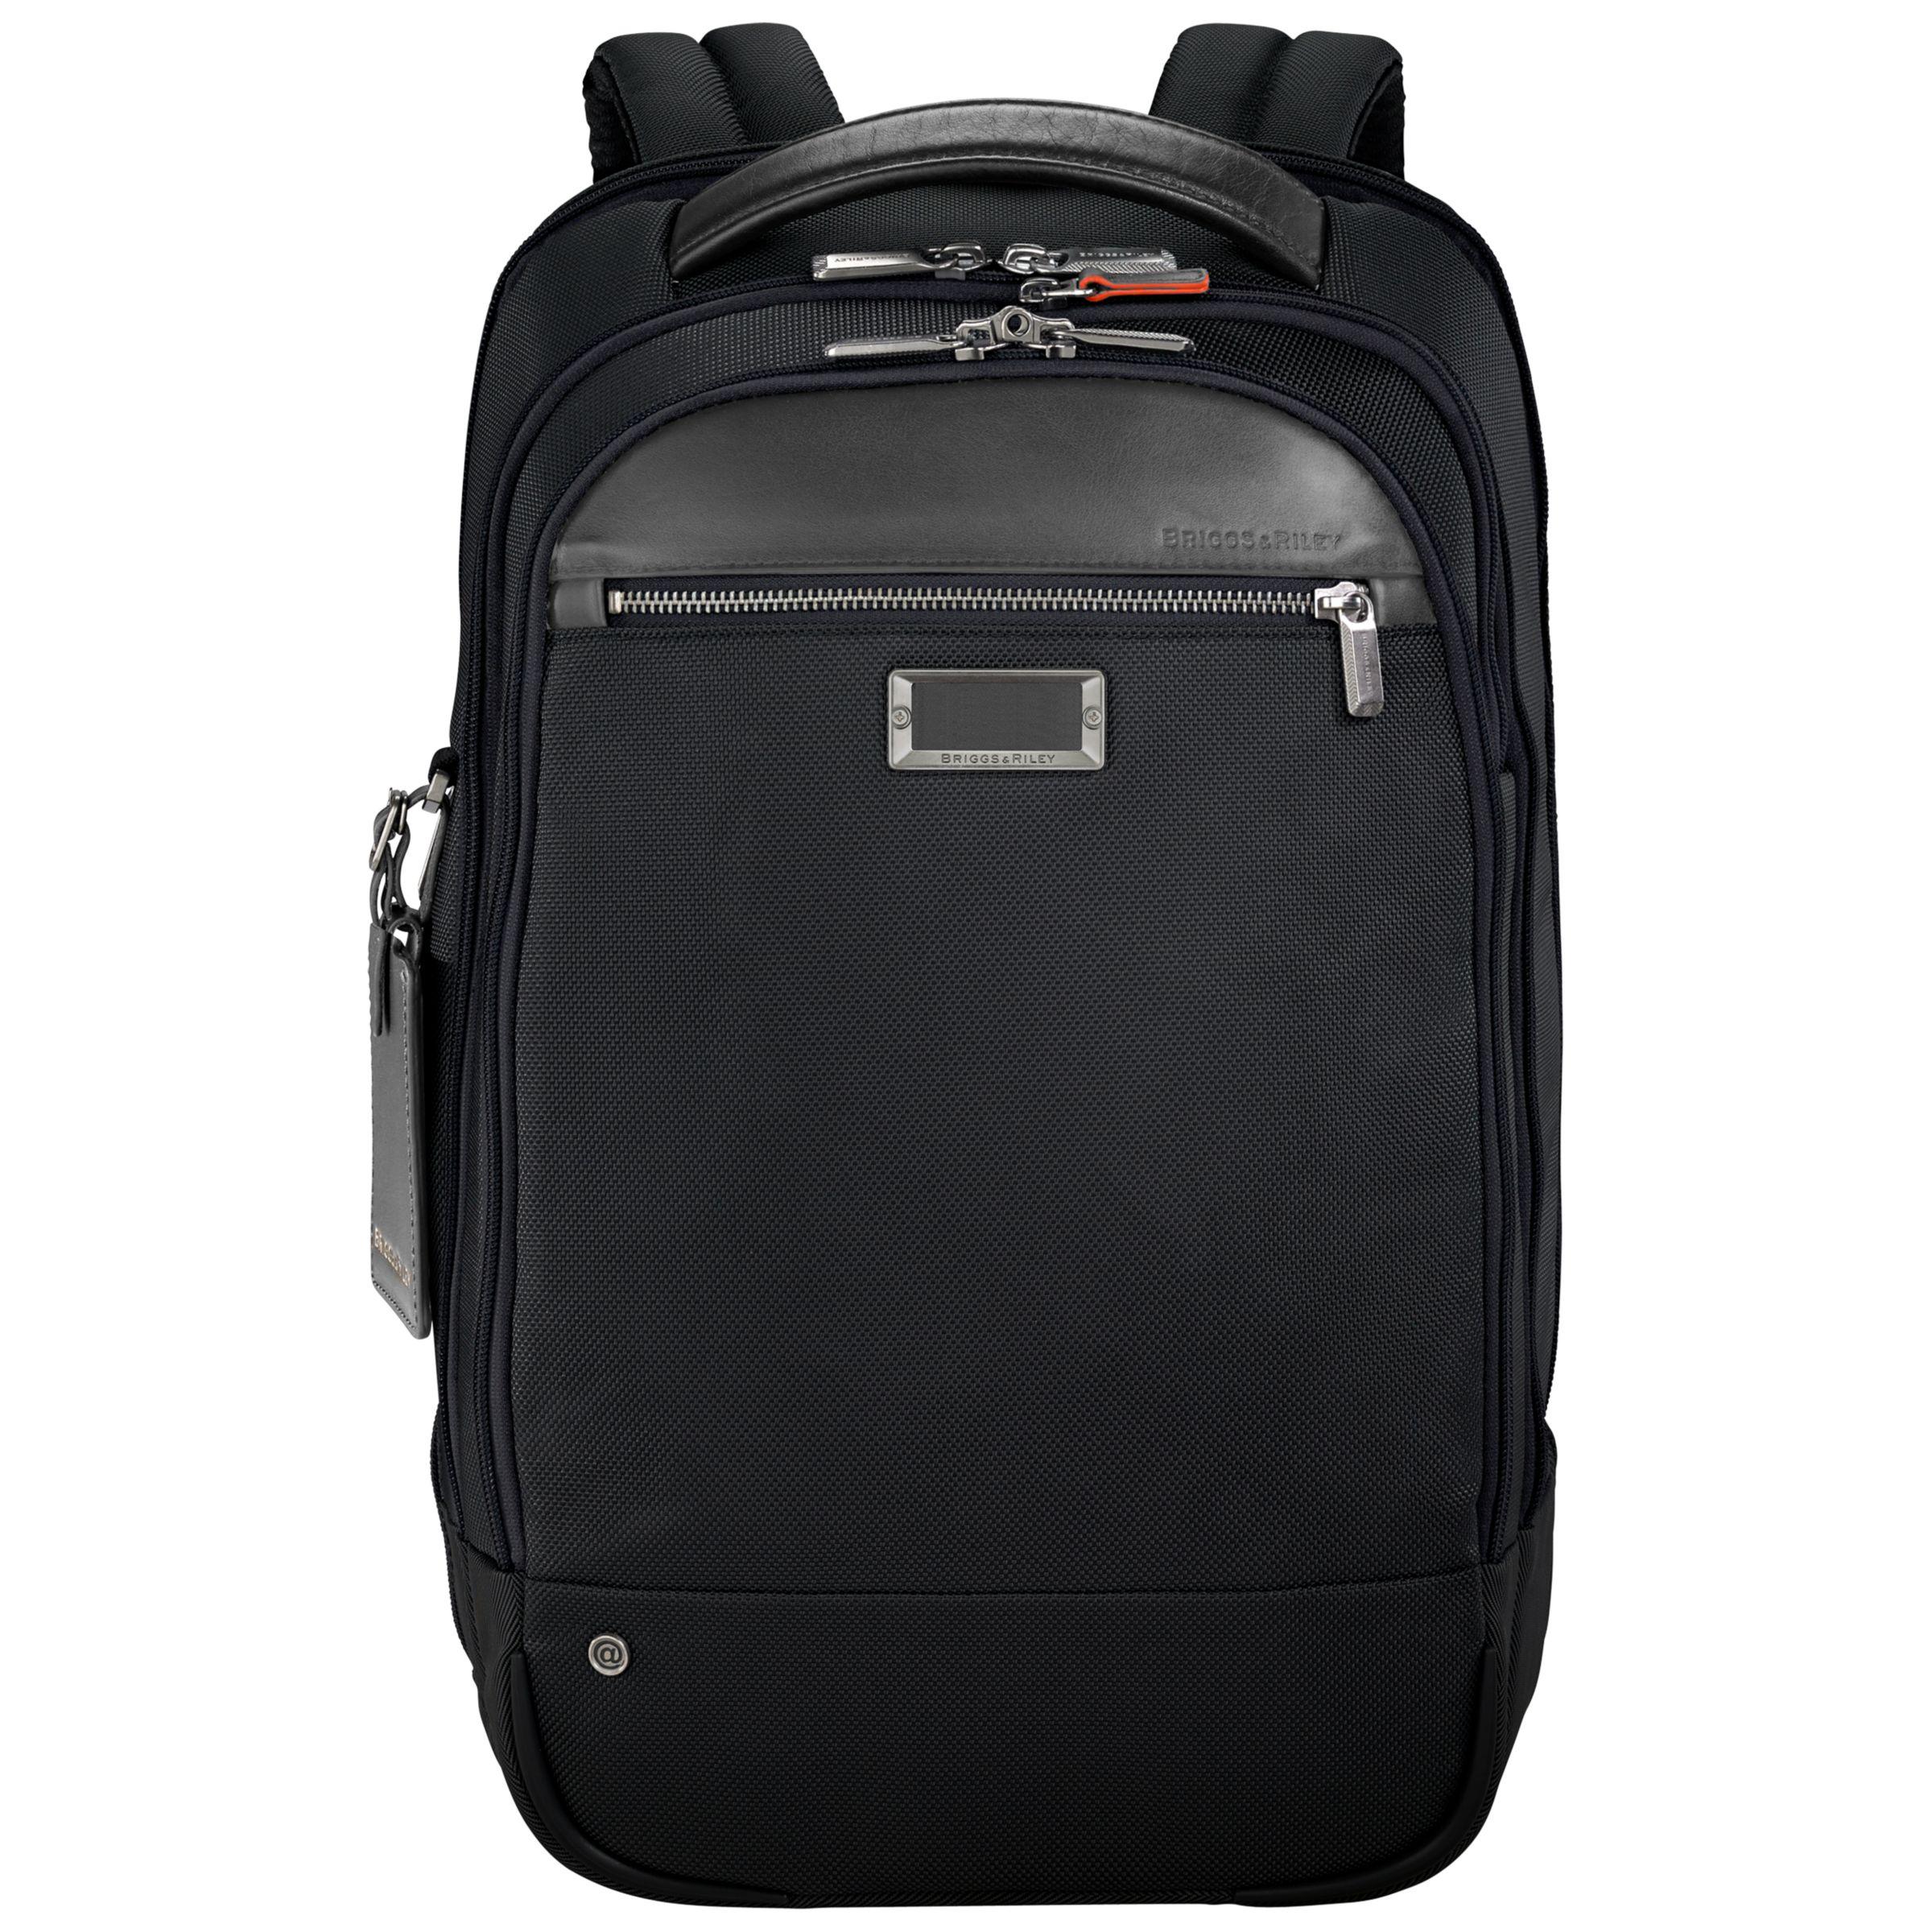 Briggs & Riley Briggs & Riley AtWork Medium Backpack